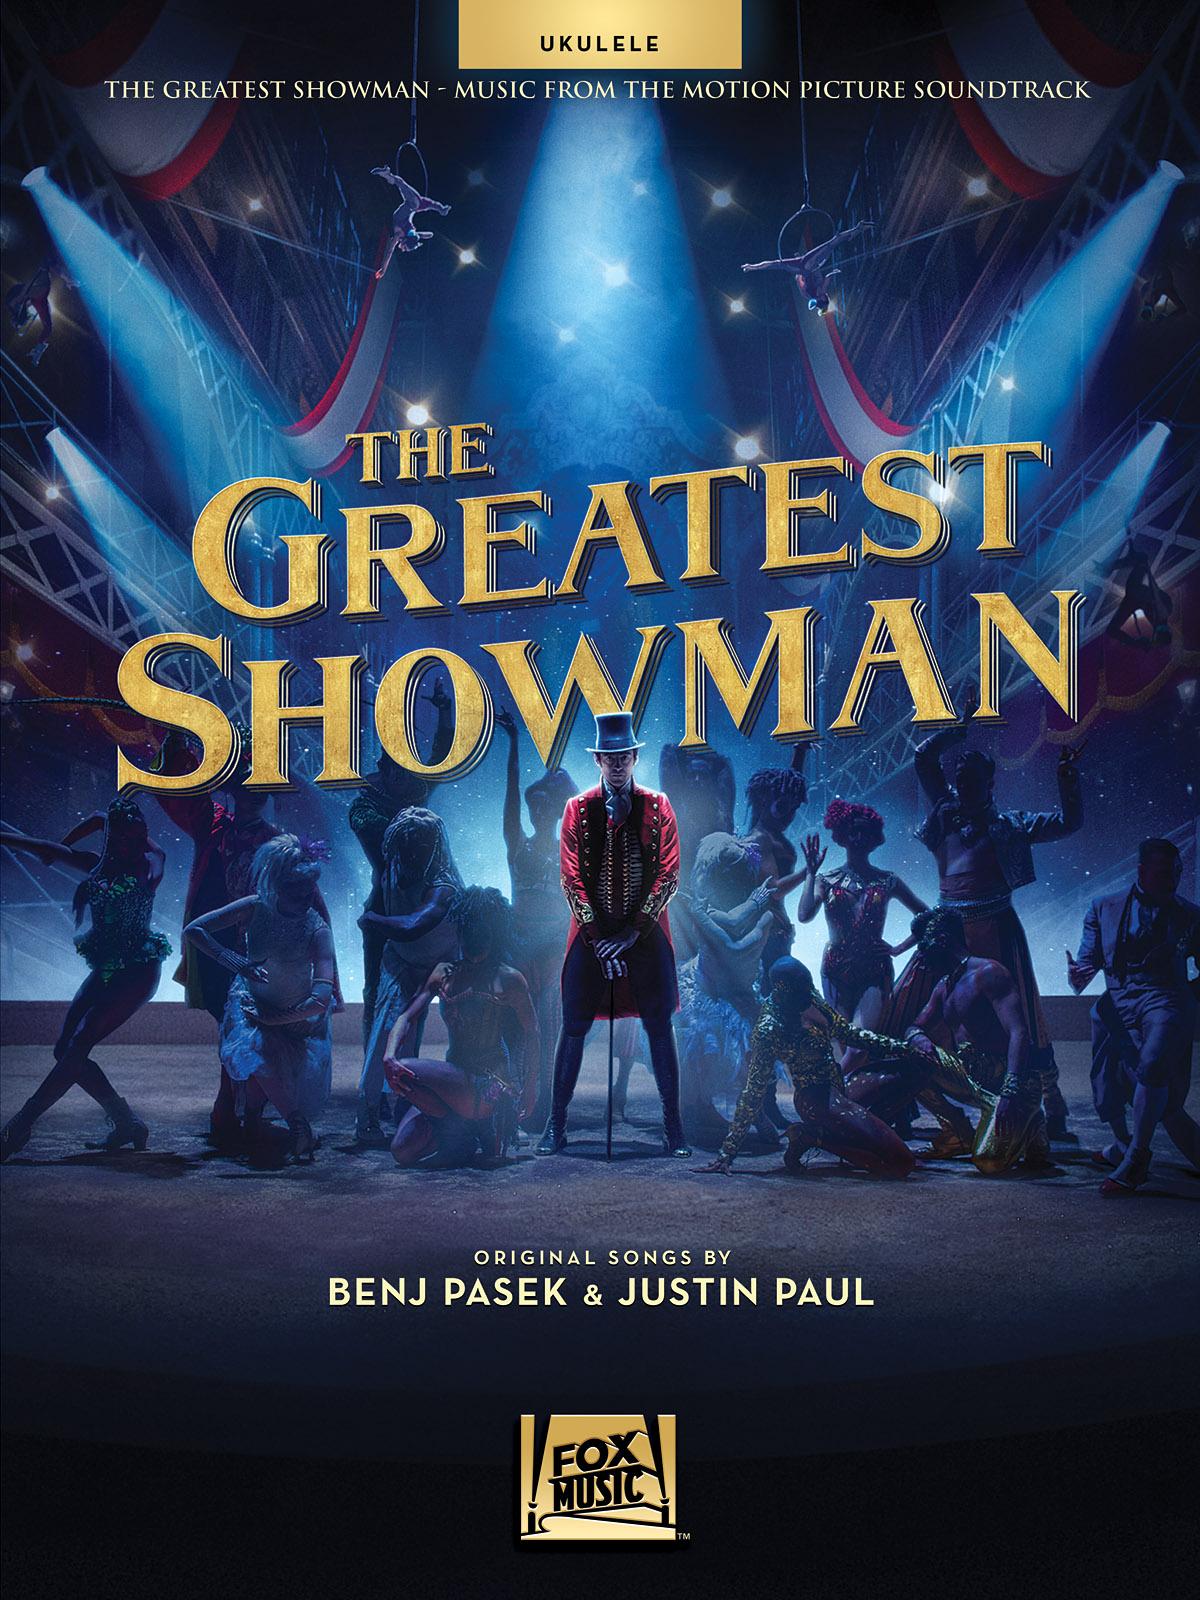 The Greatest Showman for Ukulele